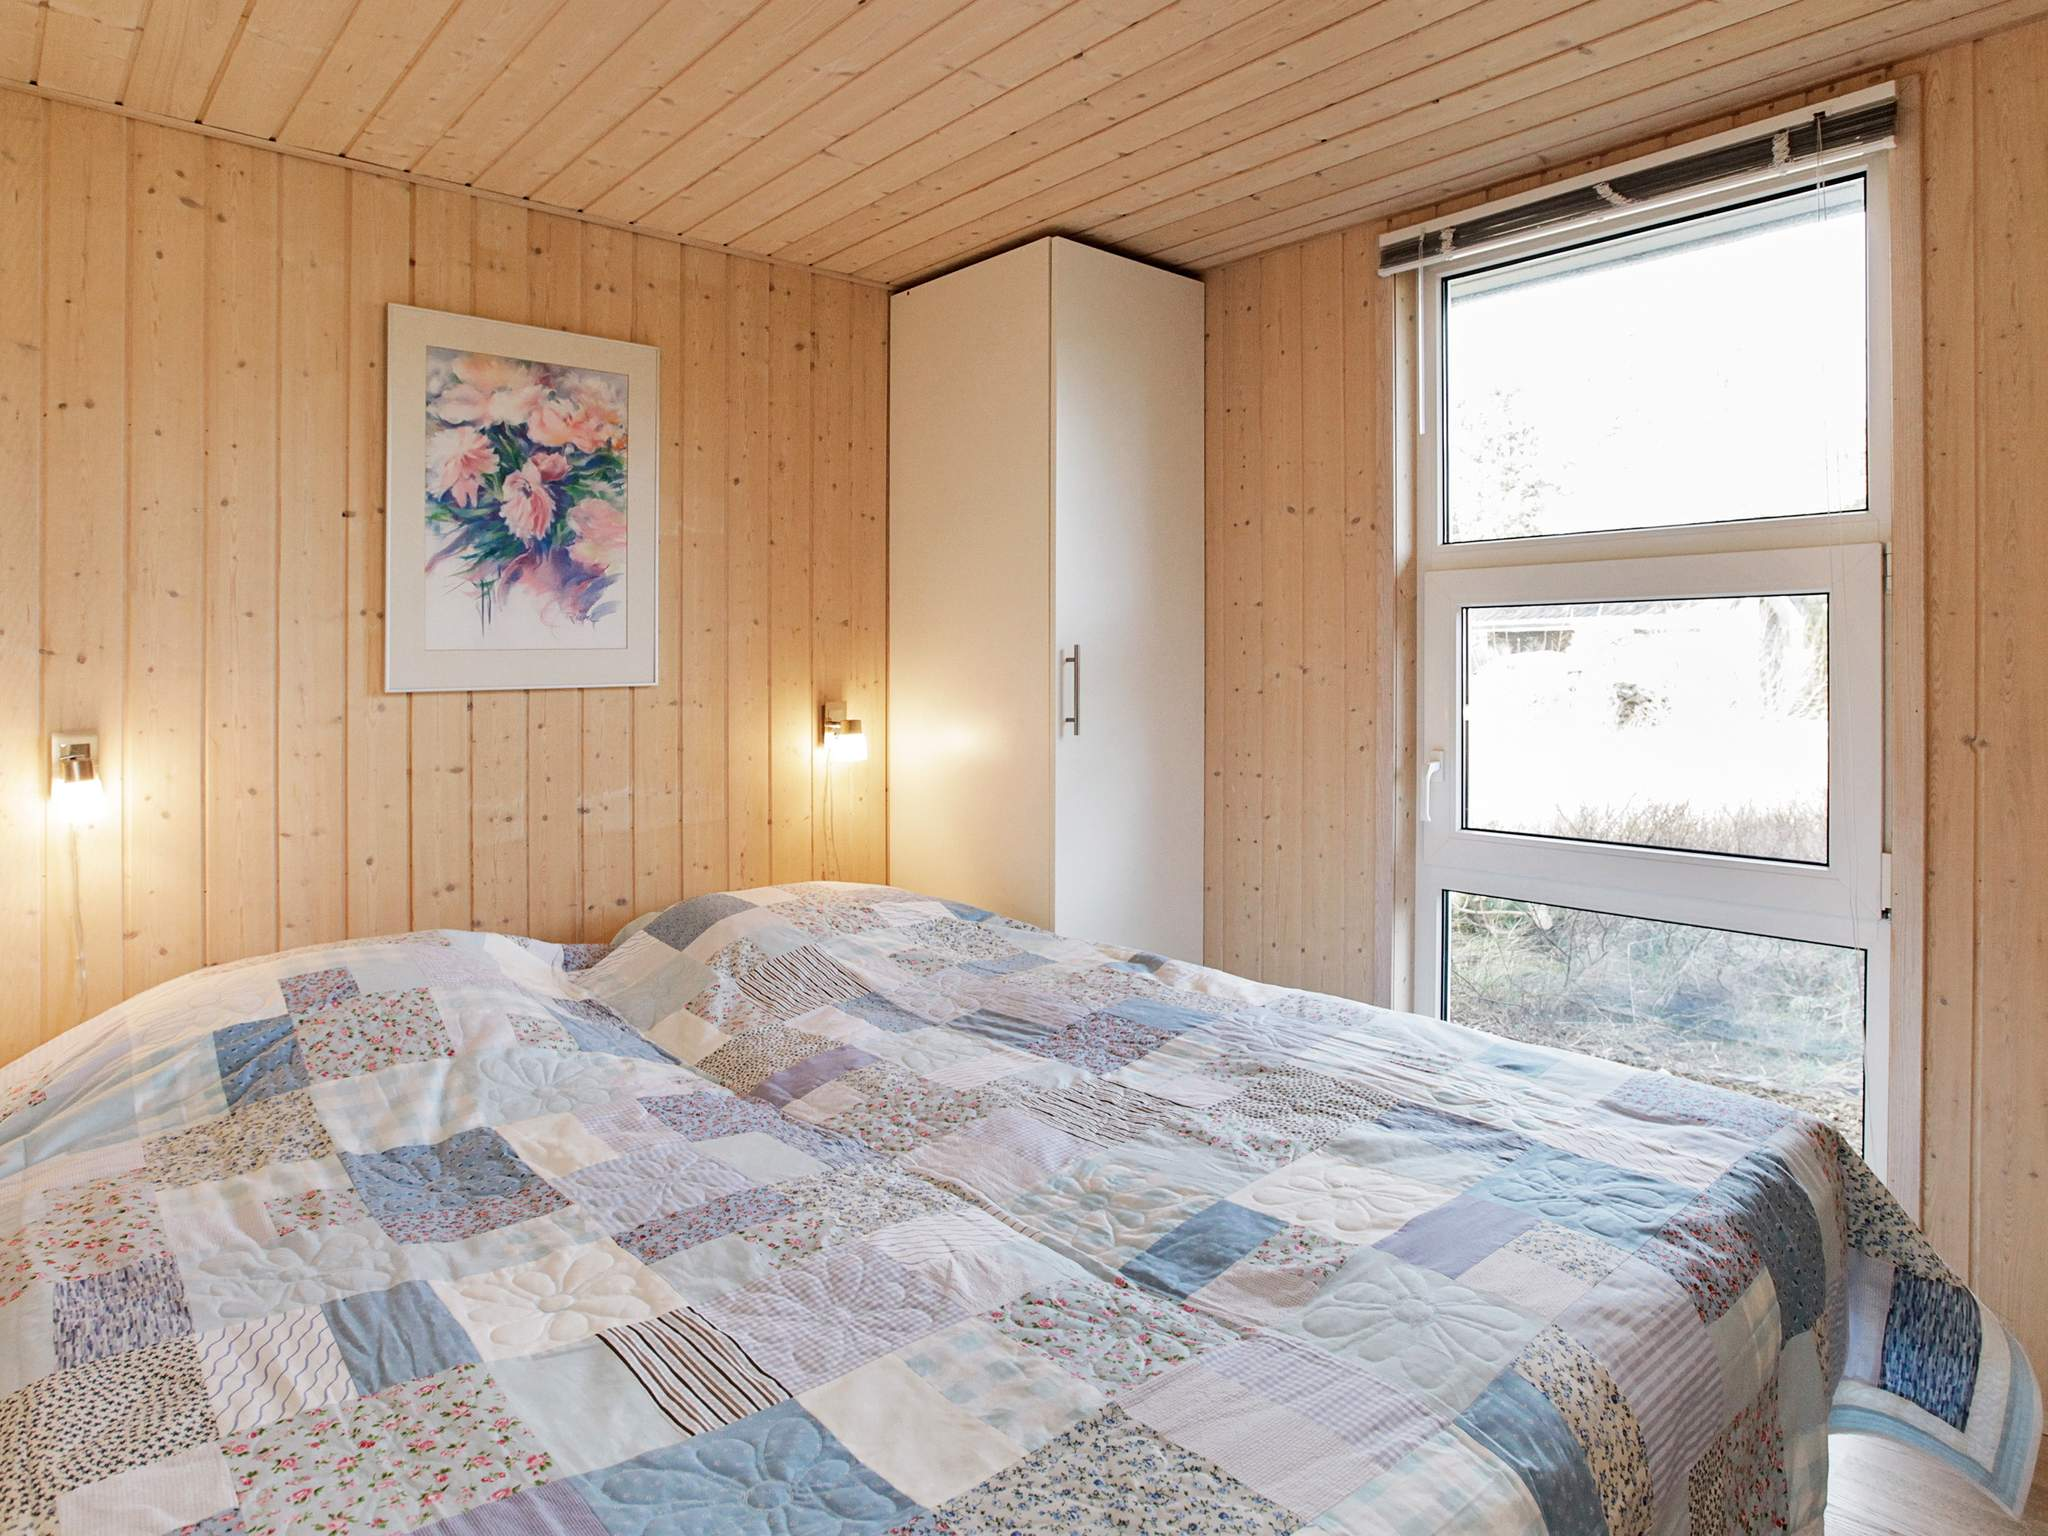 Ferienhaus Lodskovvad (405517), Lodskovvad, , Nordostjütland, Dänemark, Bild 6